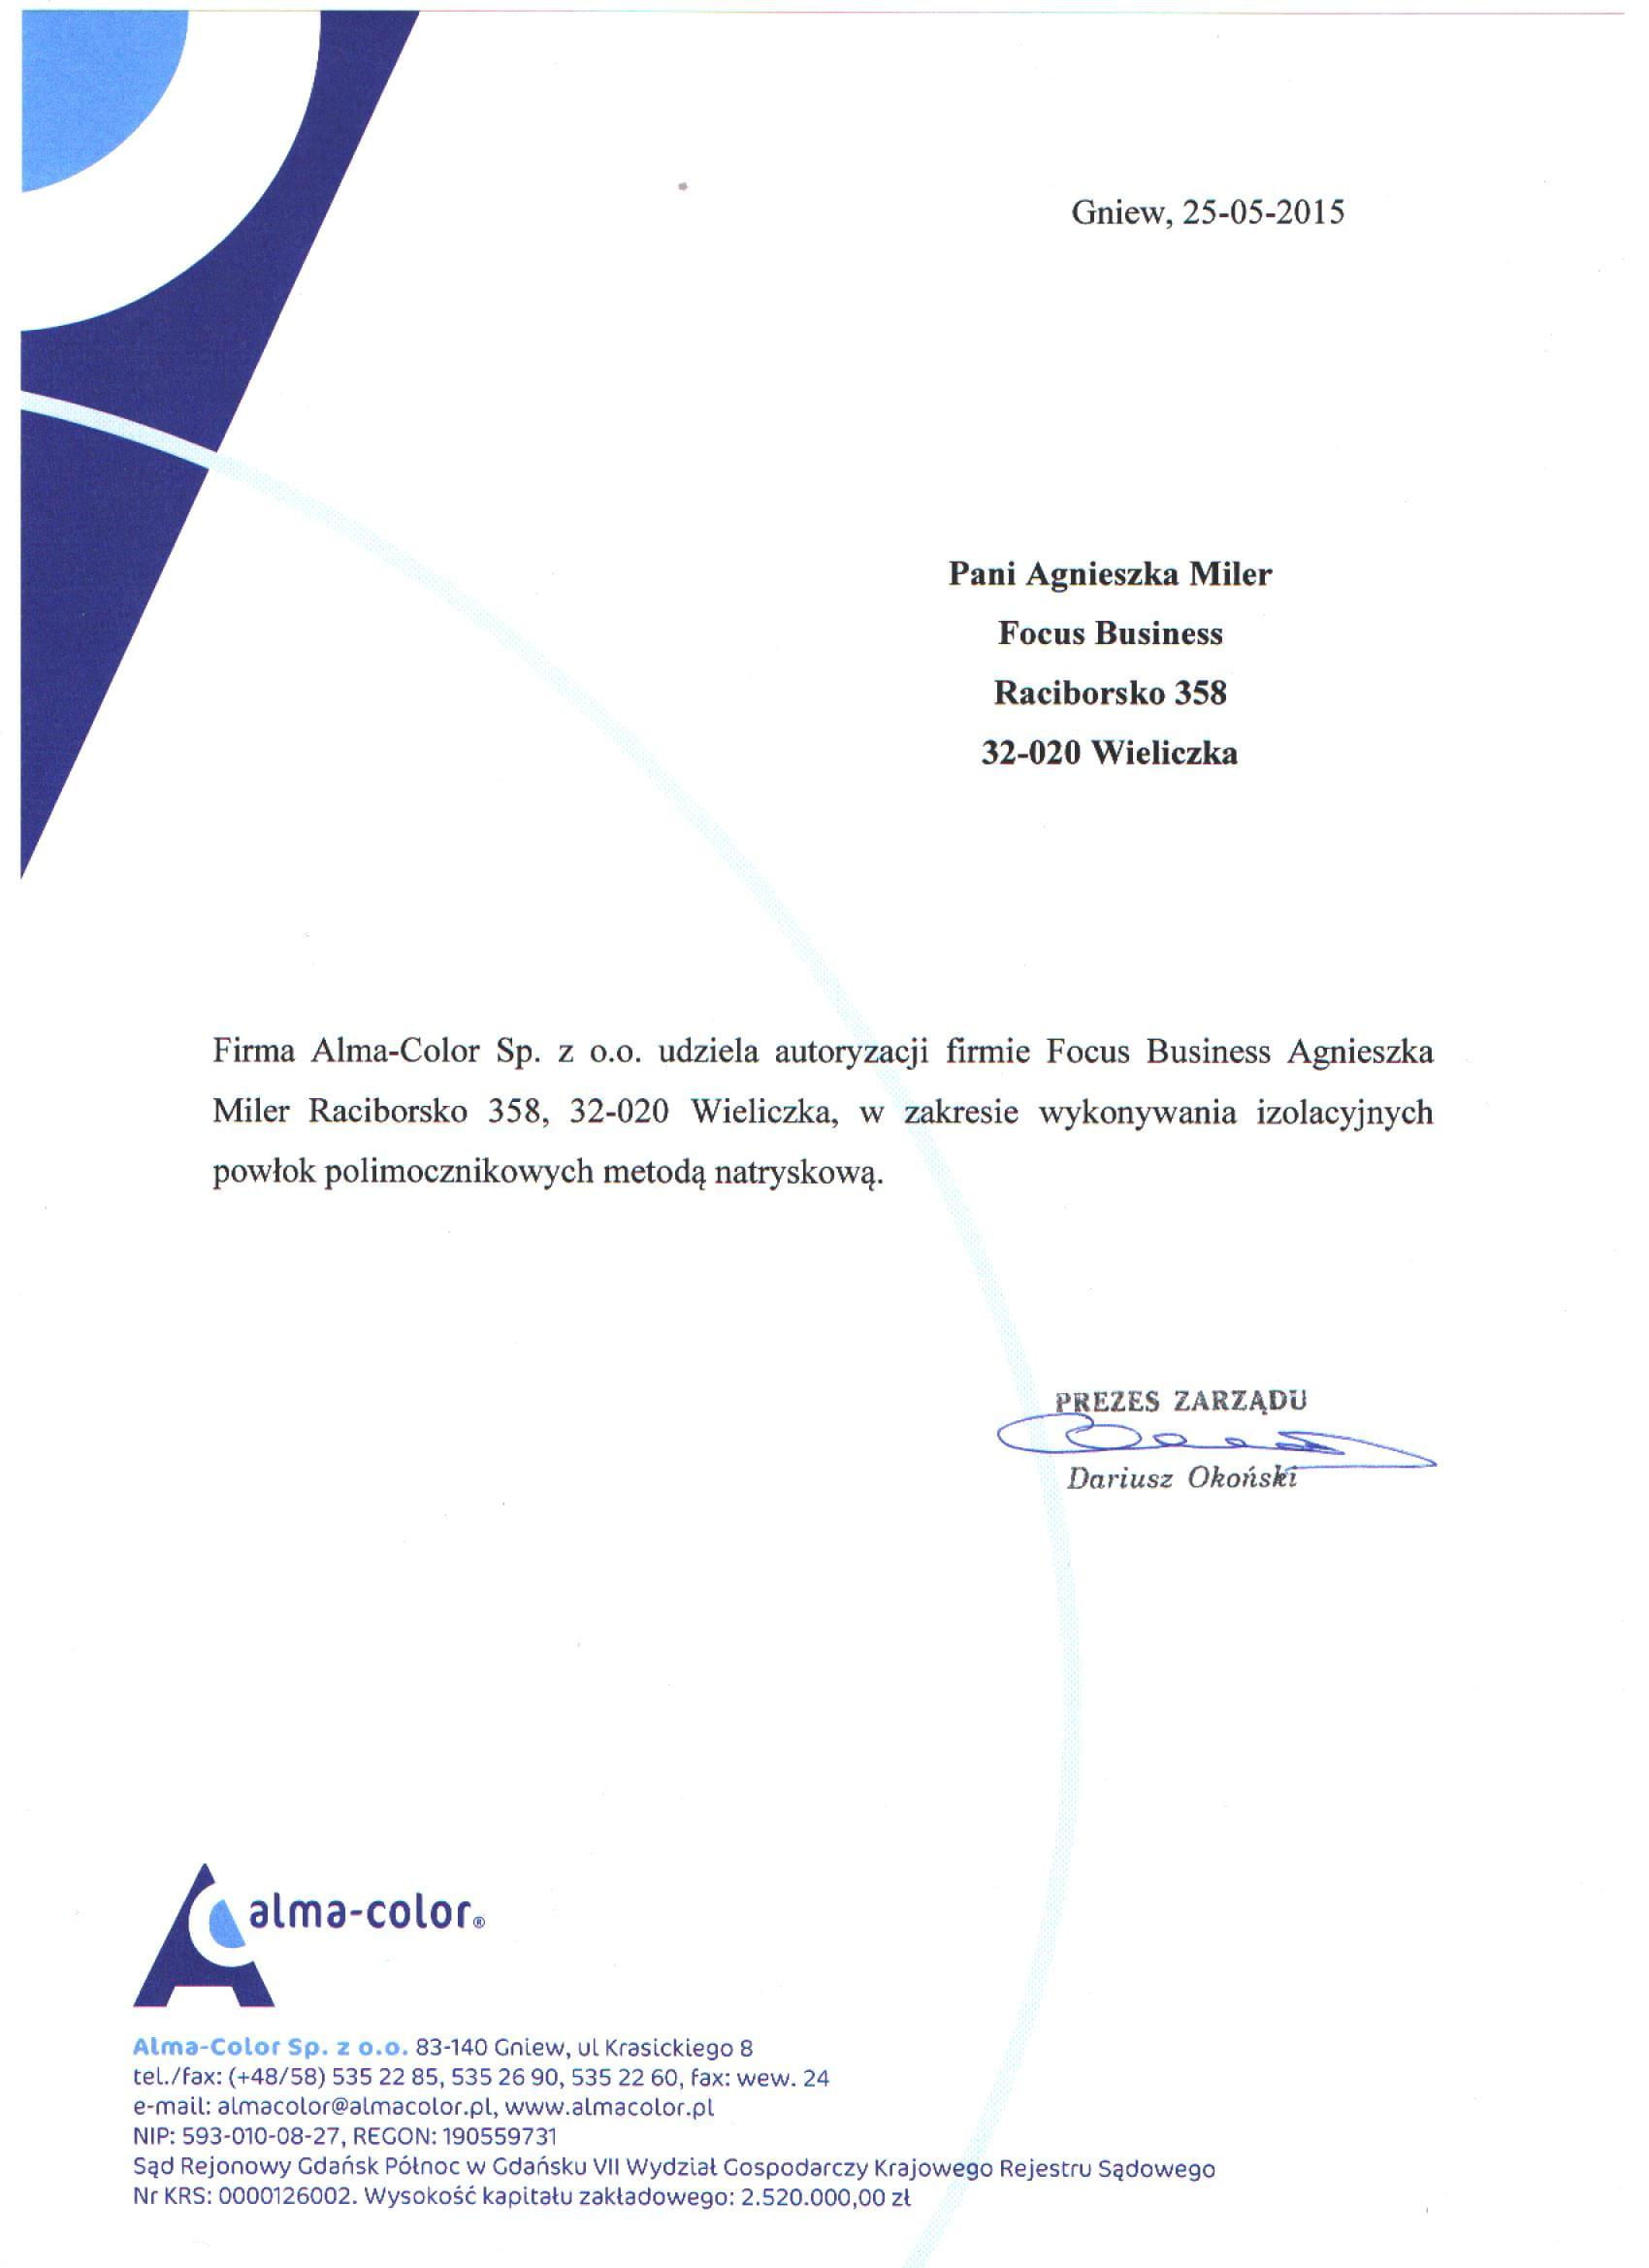 Autoryzacja w zakresie powłok polimocznikowych